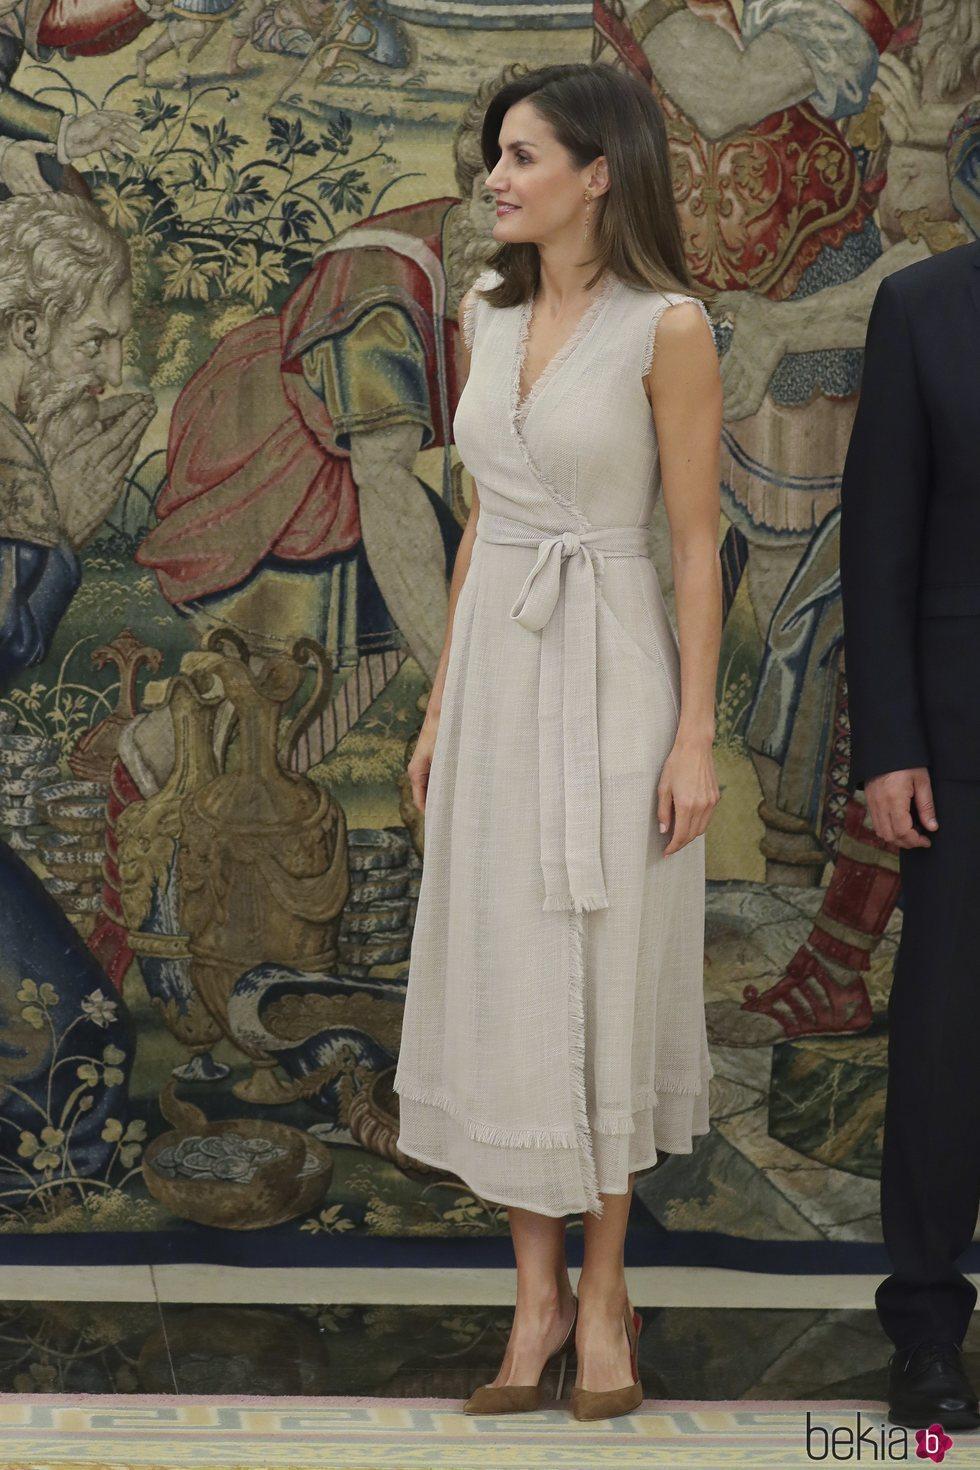 La Reina Letizia con un vestido de Adolfo Domínguez durante una jornada de audiencias en el Palacio de la Zarzuela